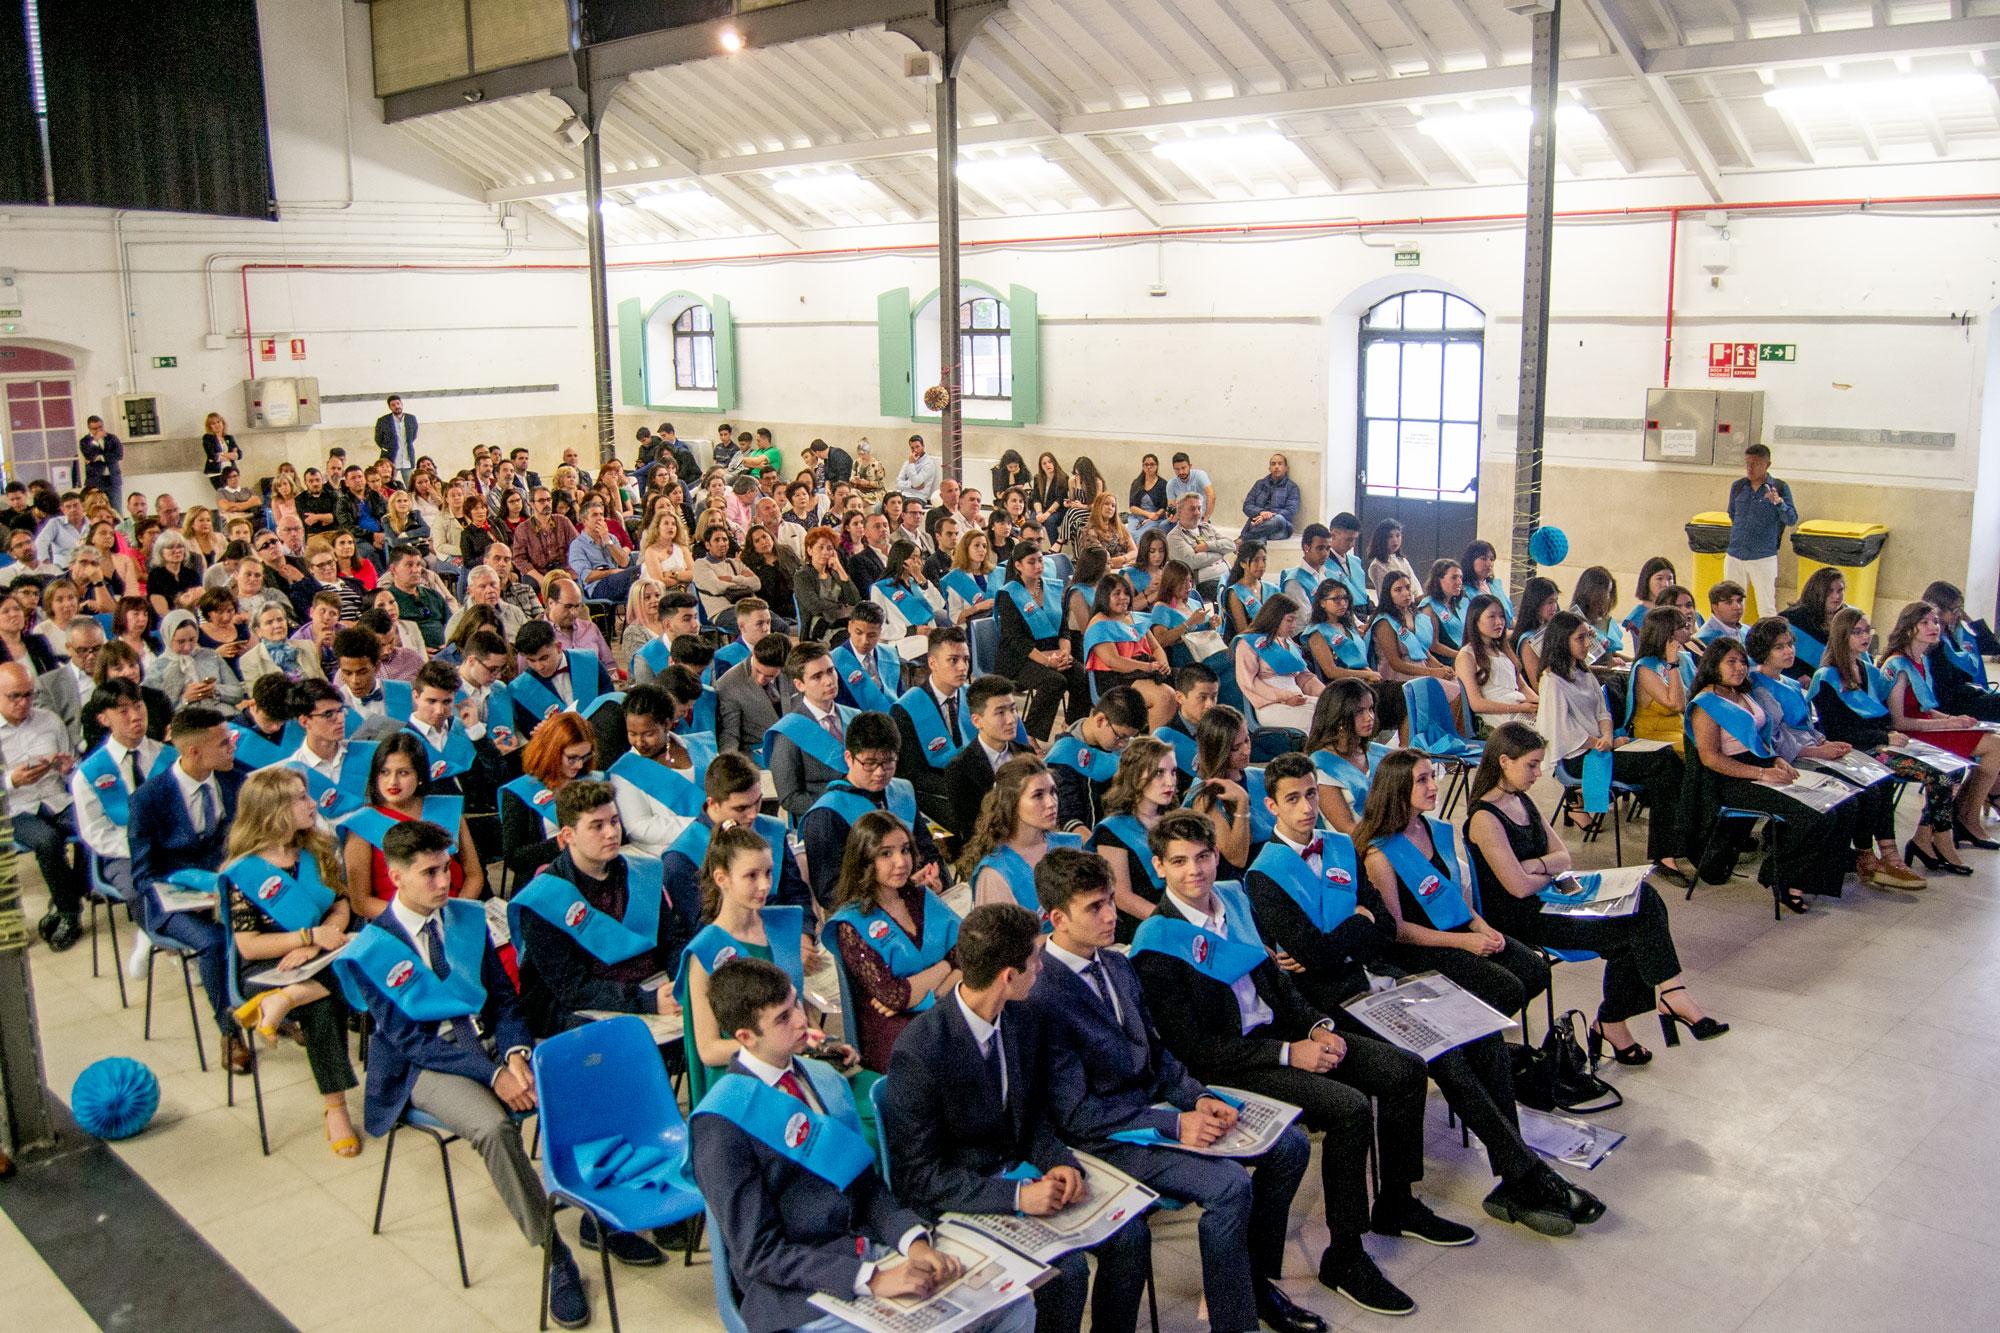 Imágenes del artículo: Graduación Bachillerato 2019